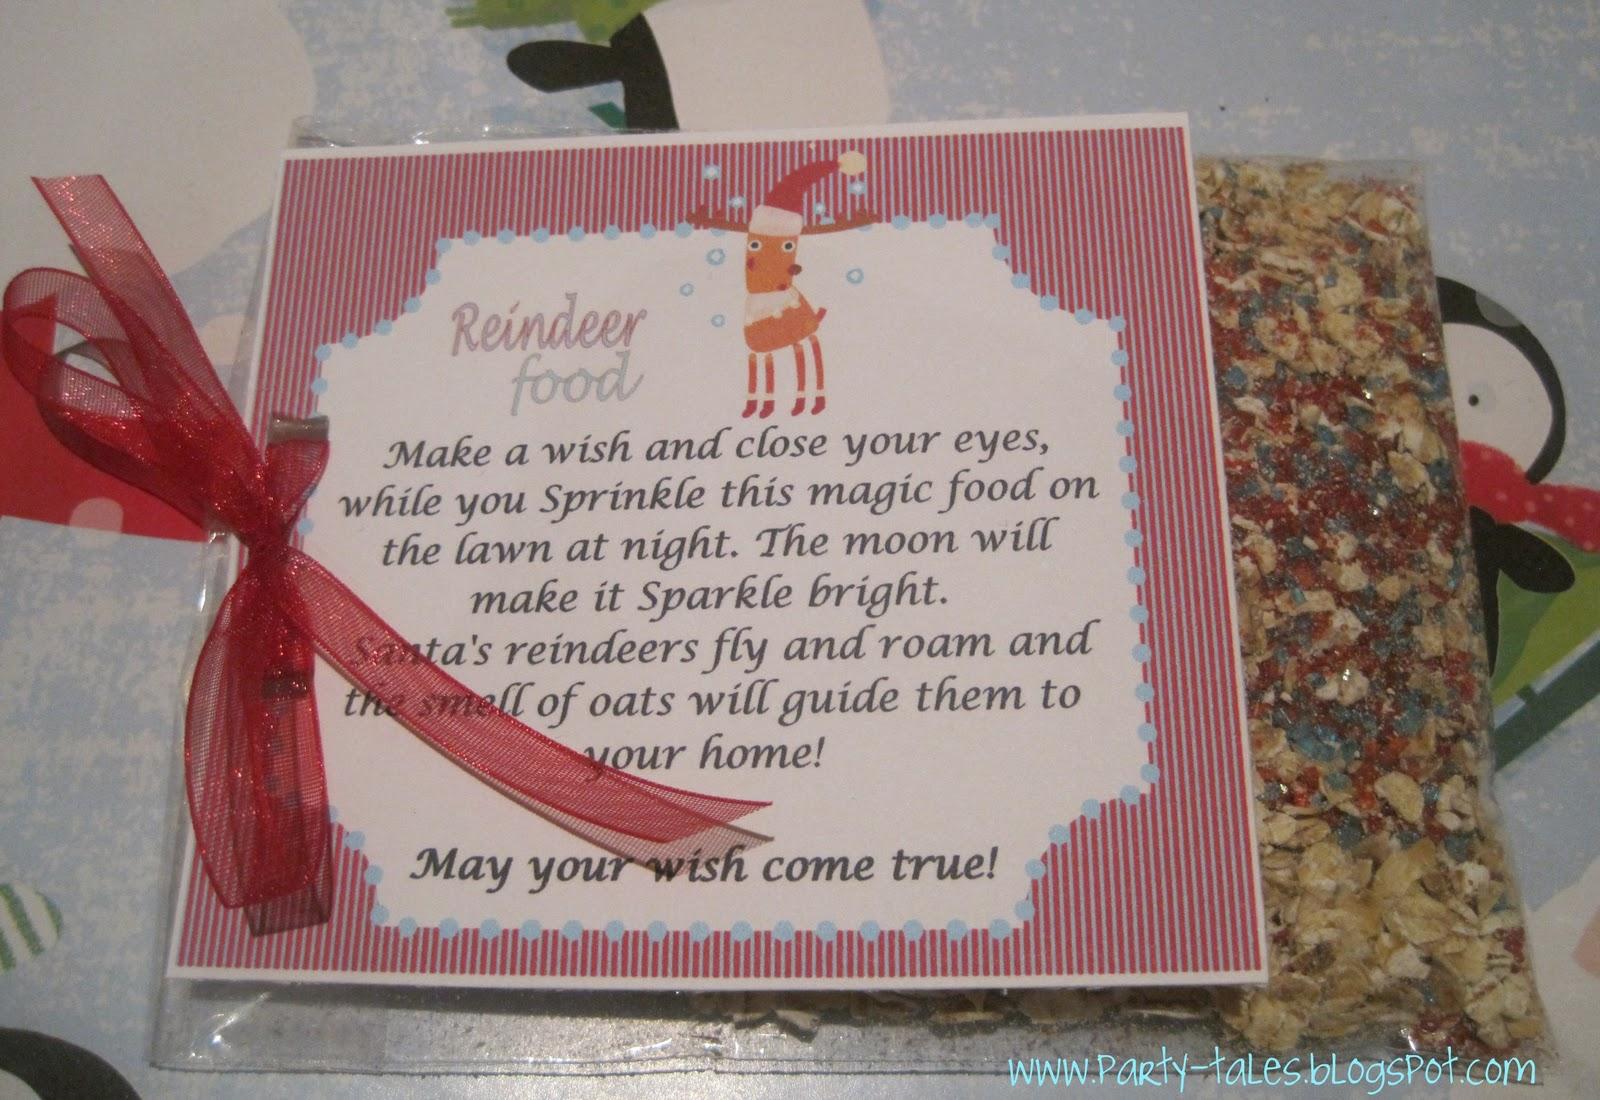 Party Tales Free Printables Reindeer Magic Food Labels